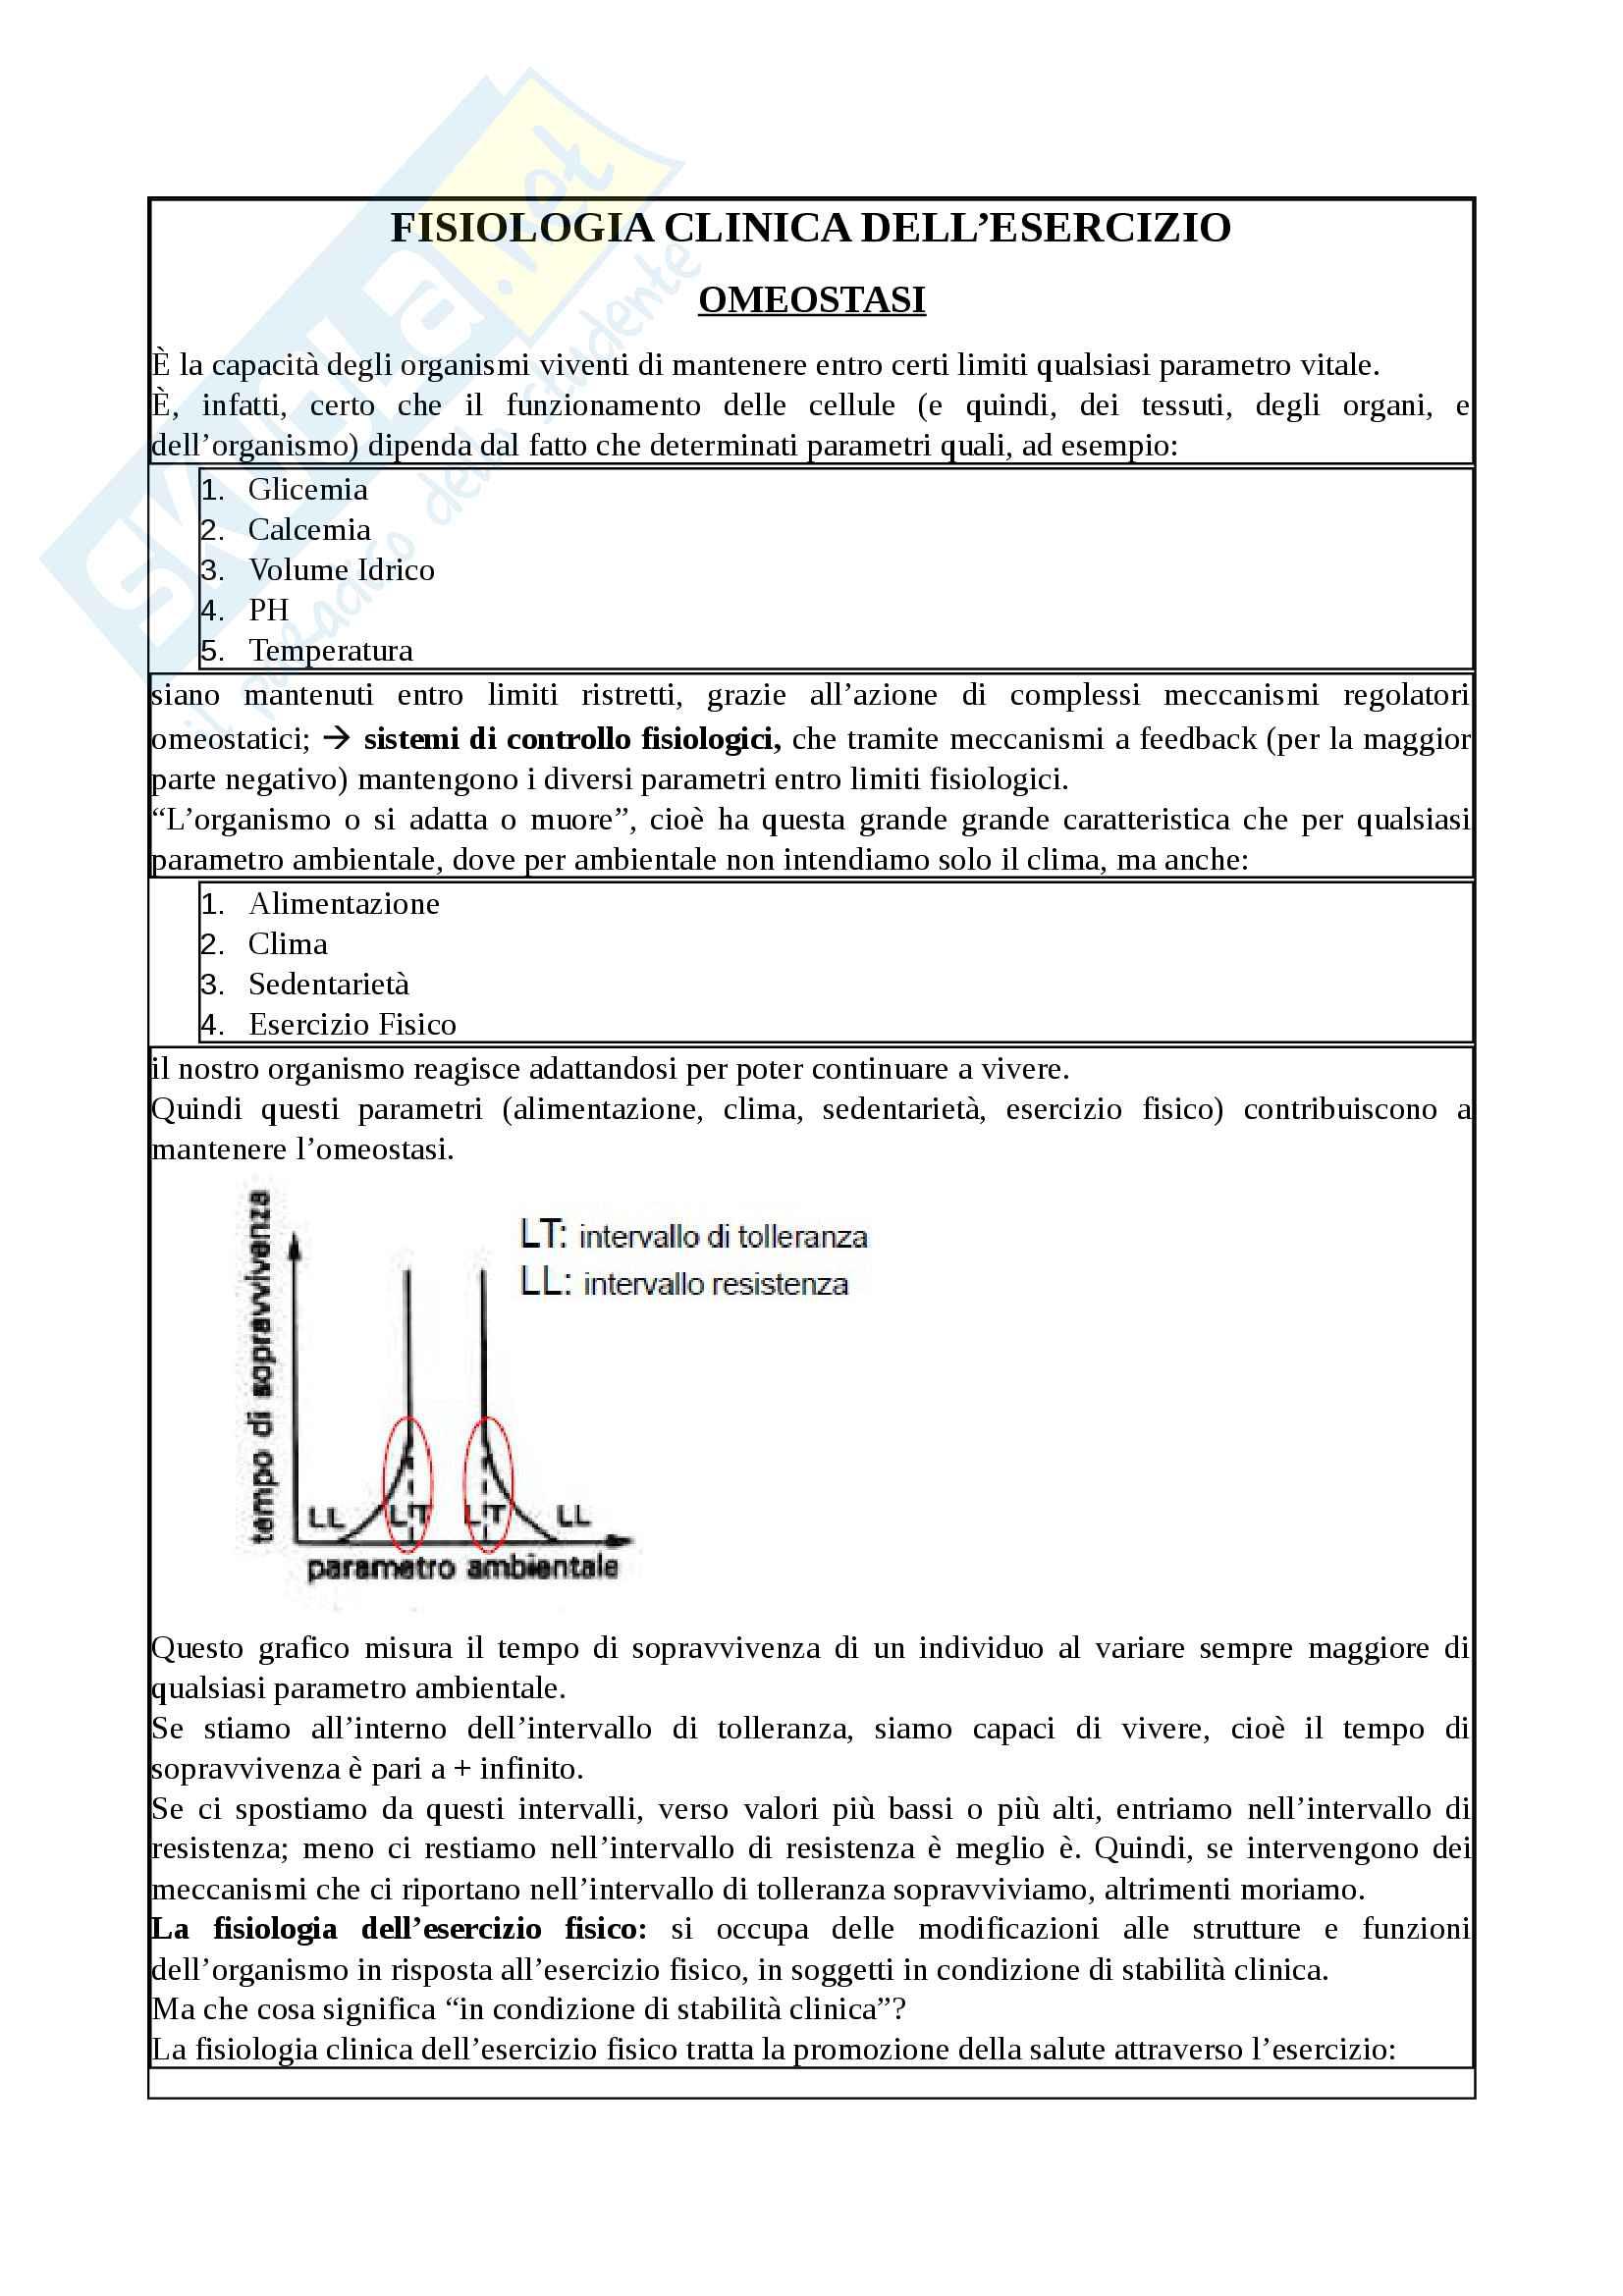 Appunti - Fisiologia clinica dell'esercizio